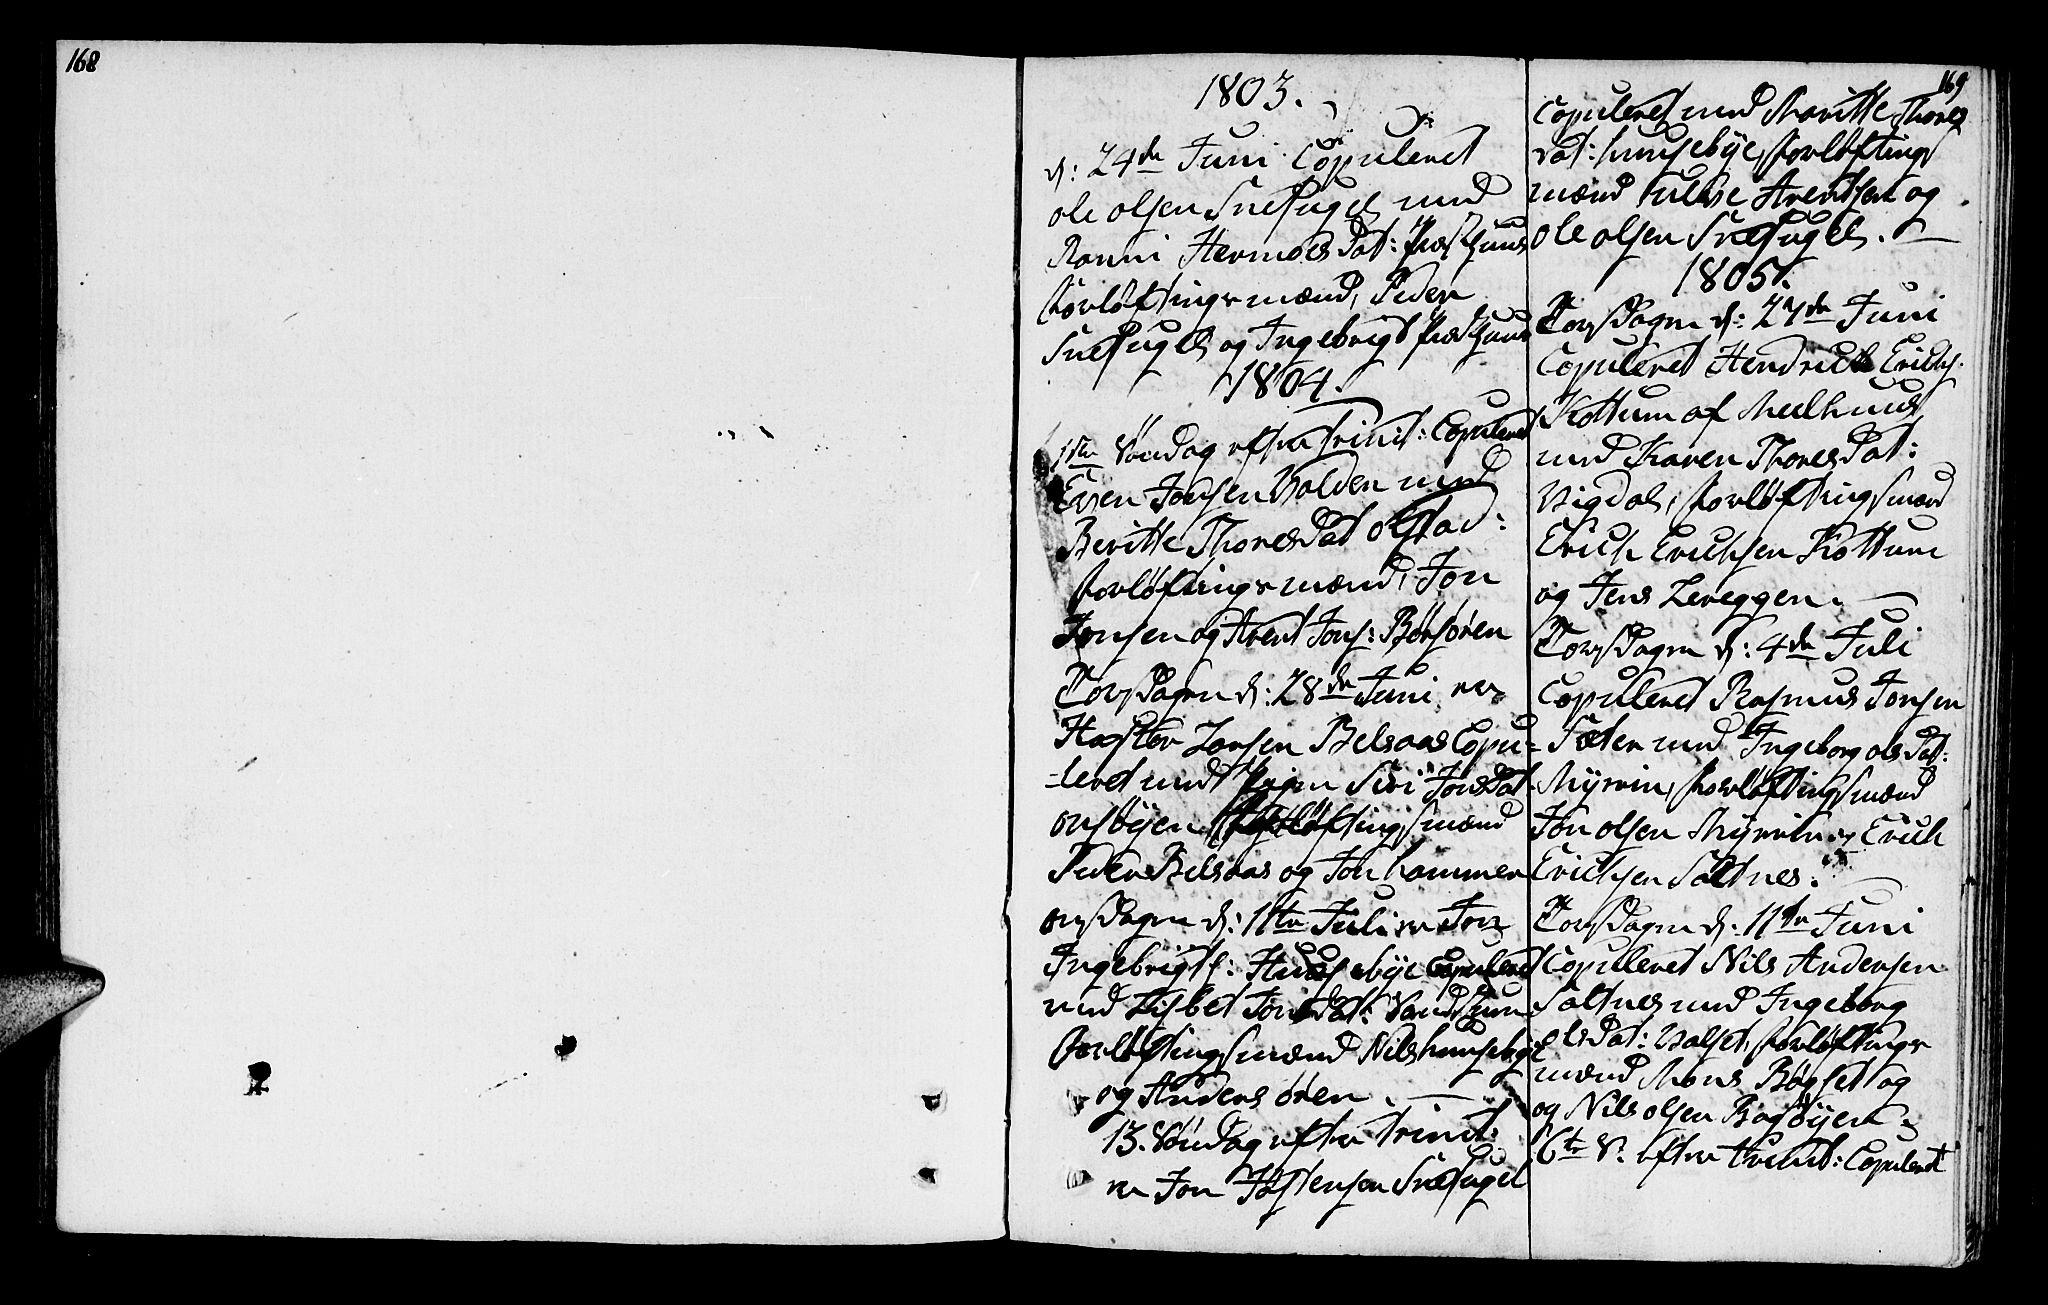 SAT, Ministerialprotokoller, klokkerbøker og fødselsregistre - Sør-Trøndelag, 666/L0785: Ministerialbok nr. 666A03, 1803-1816, s. 168-169